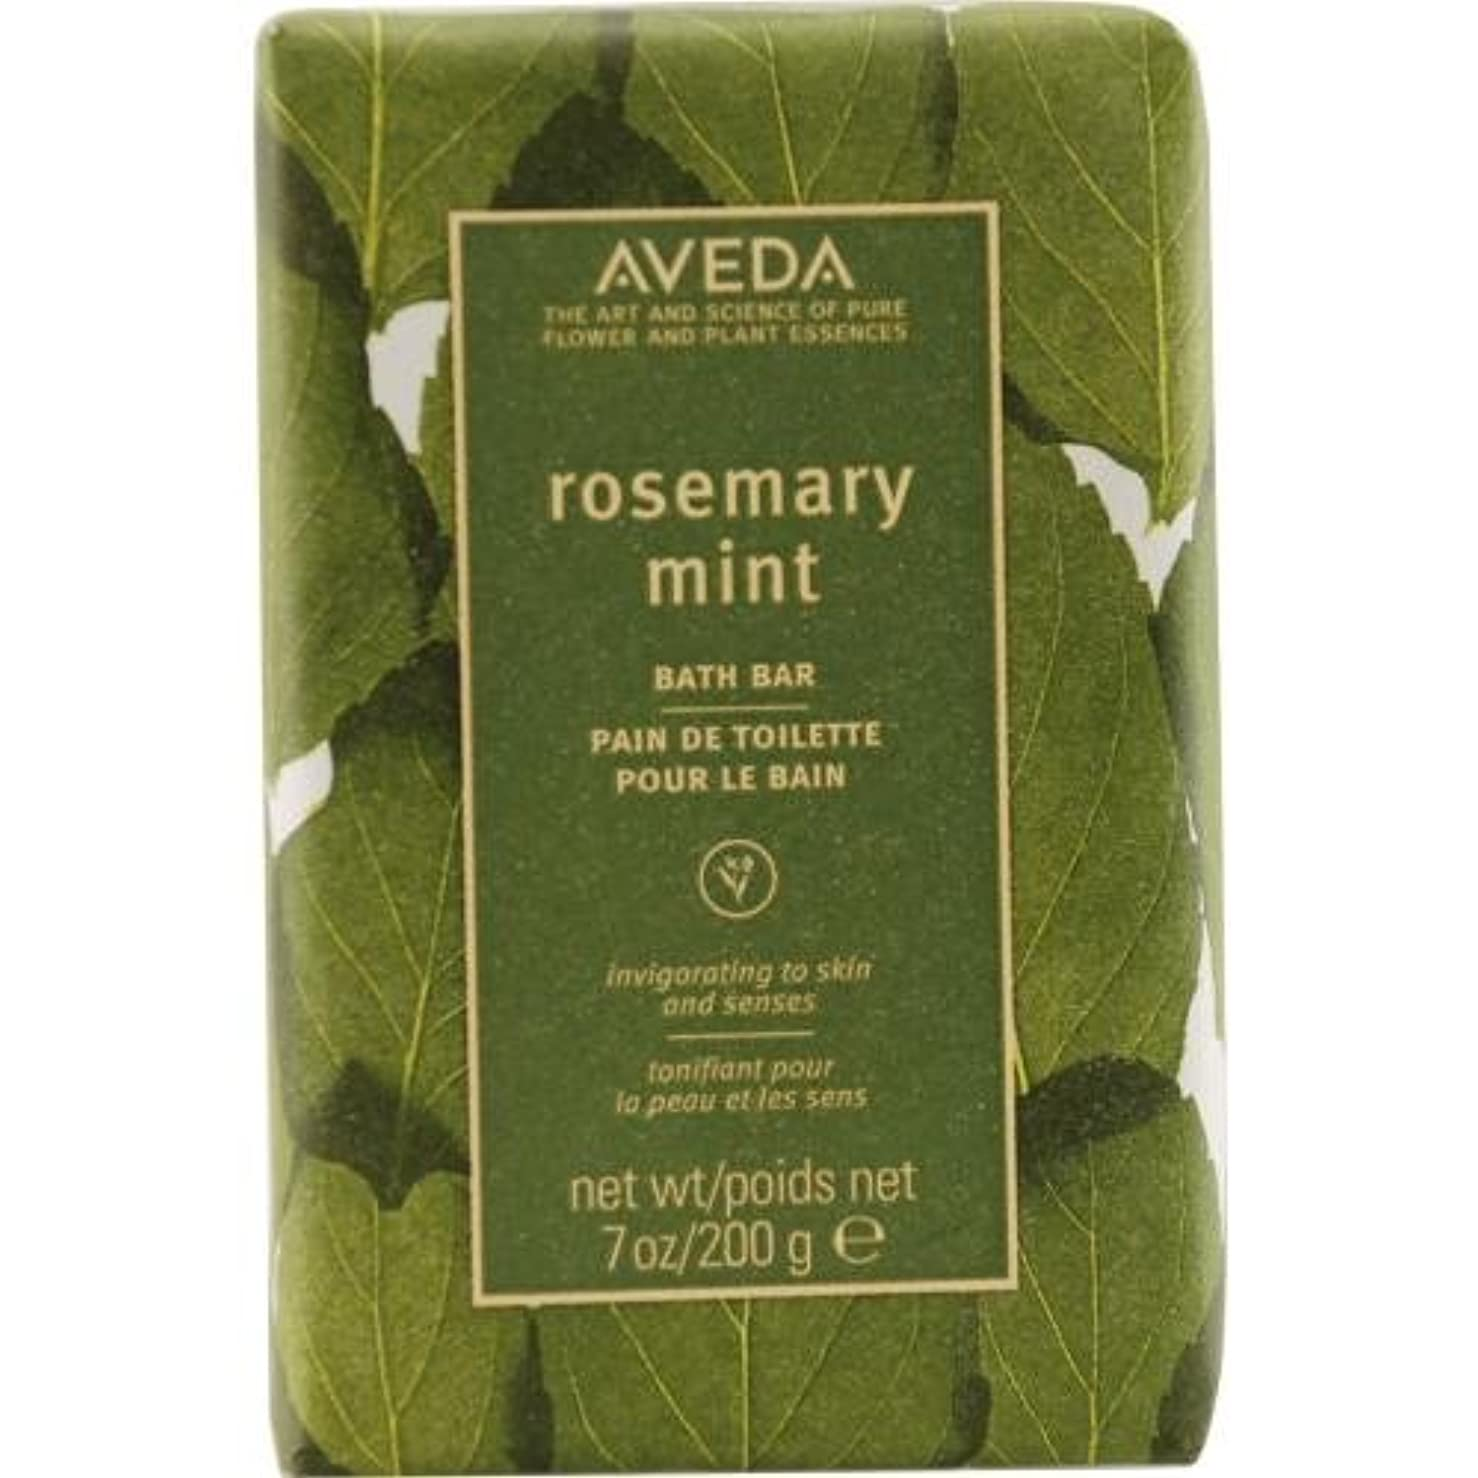 近々生き残りブルーベルAveda Skincare Rosemary Mint Bath Bar, 7-Ounce Box